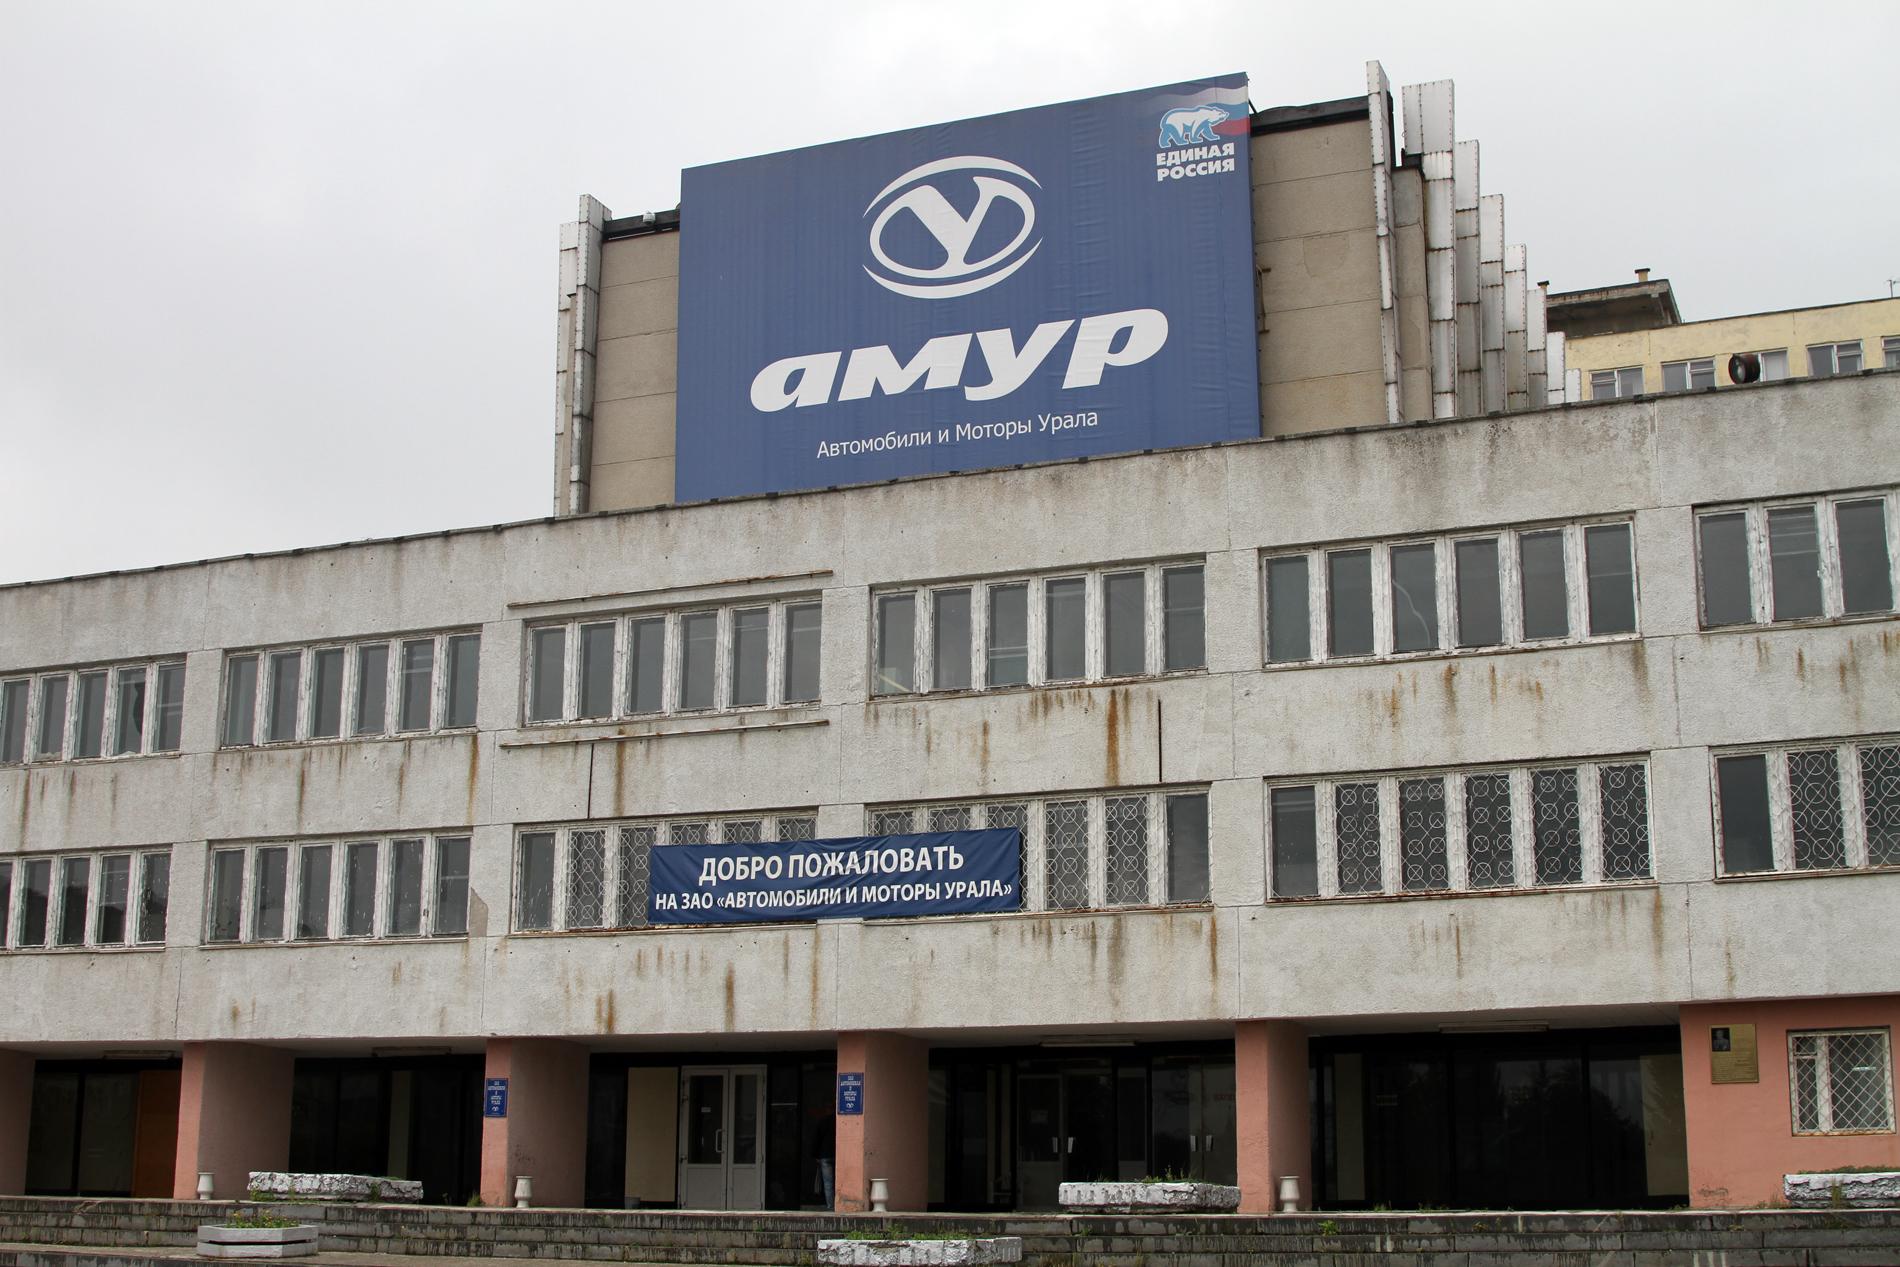 День сурка: новоуральскому АМУРу снова нашли инвестора. Теперь из Татарстана